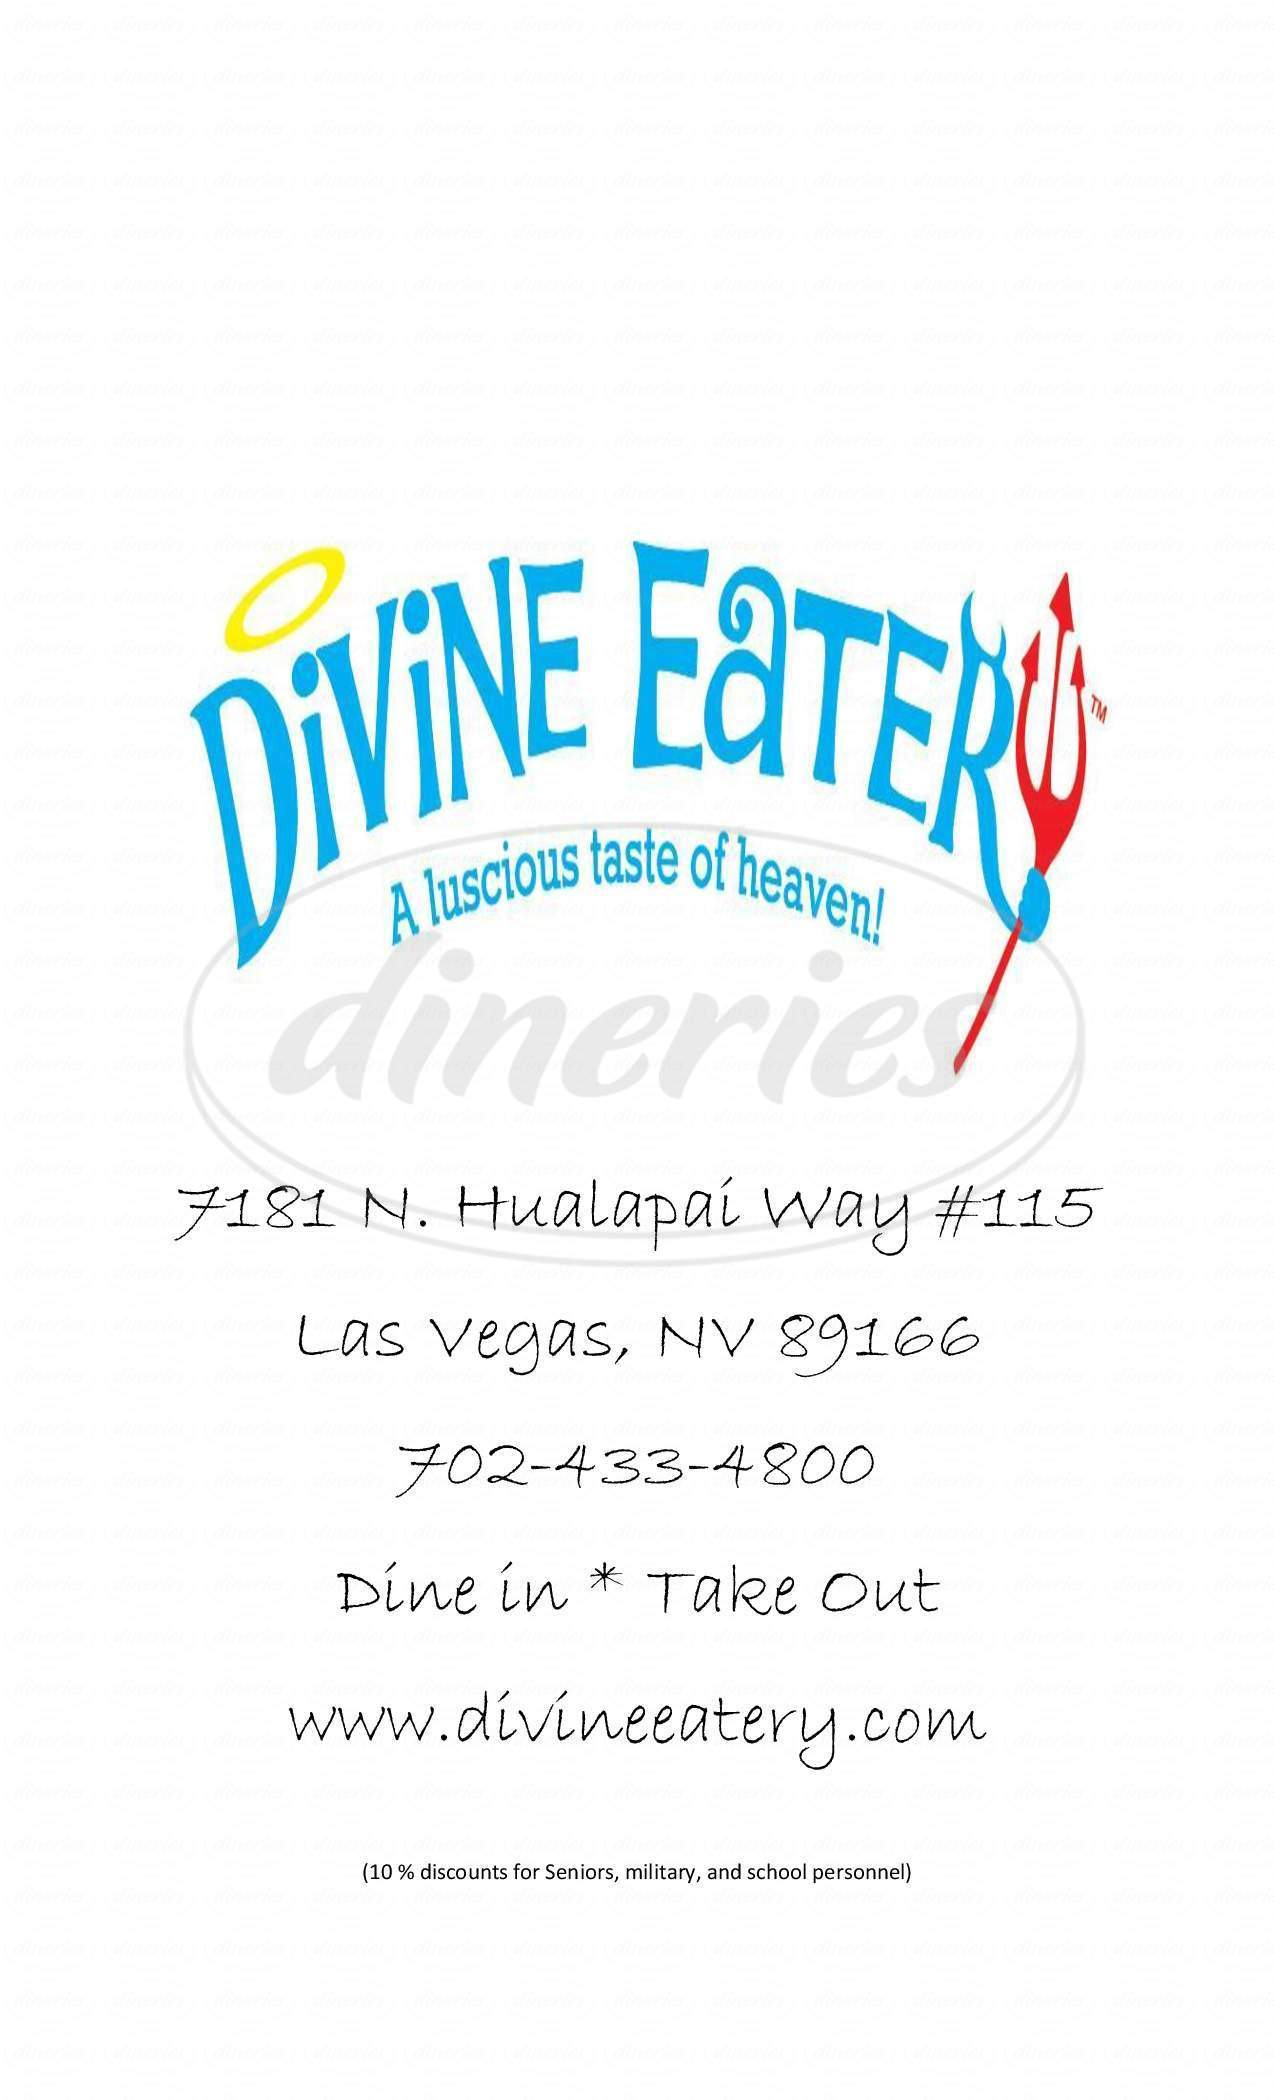 menu for Divine Eatery